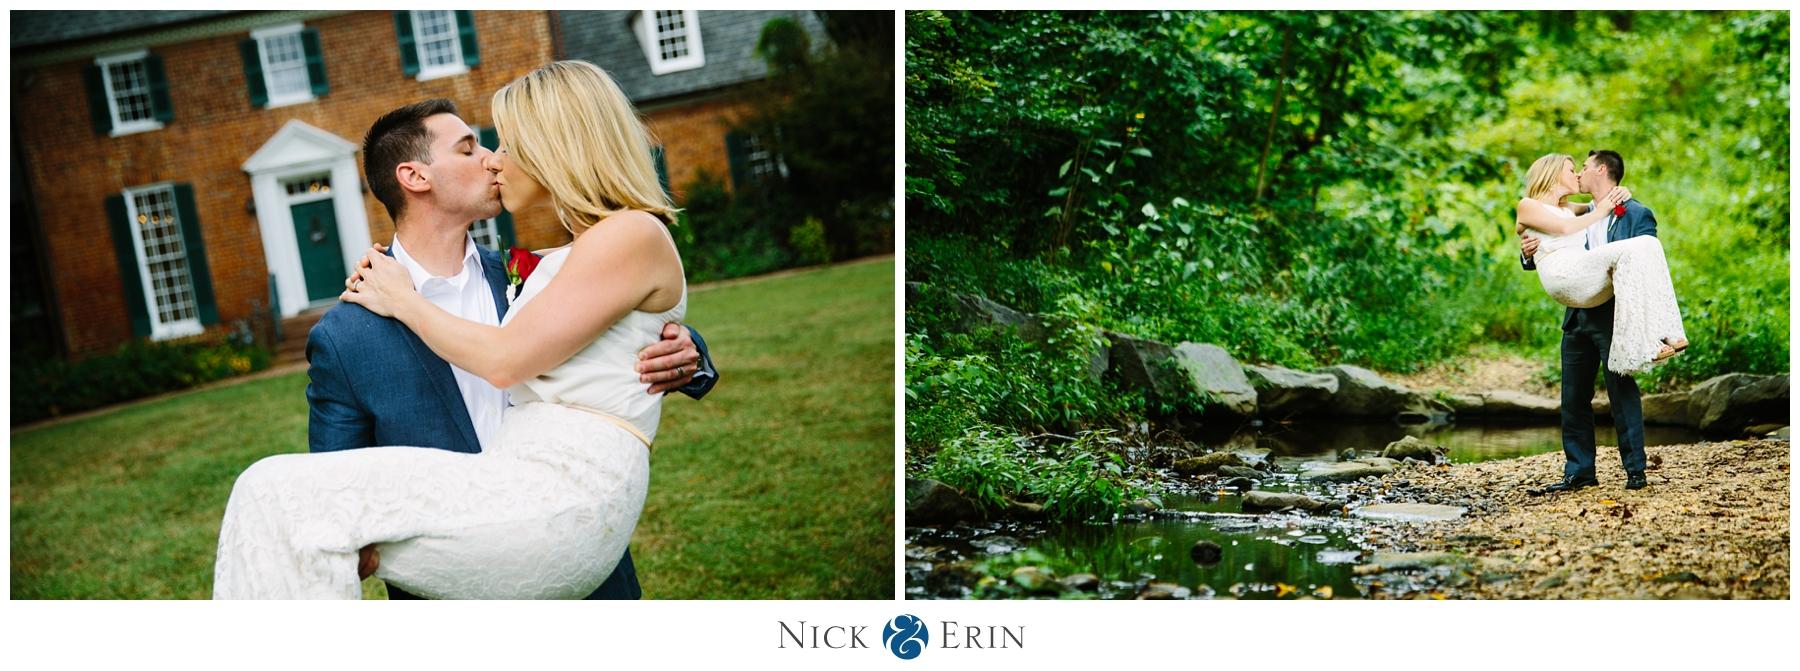 donner_photography_alexandria-wedding-elopement_erika-matt_0028